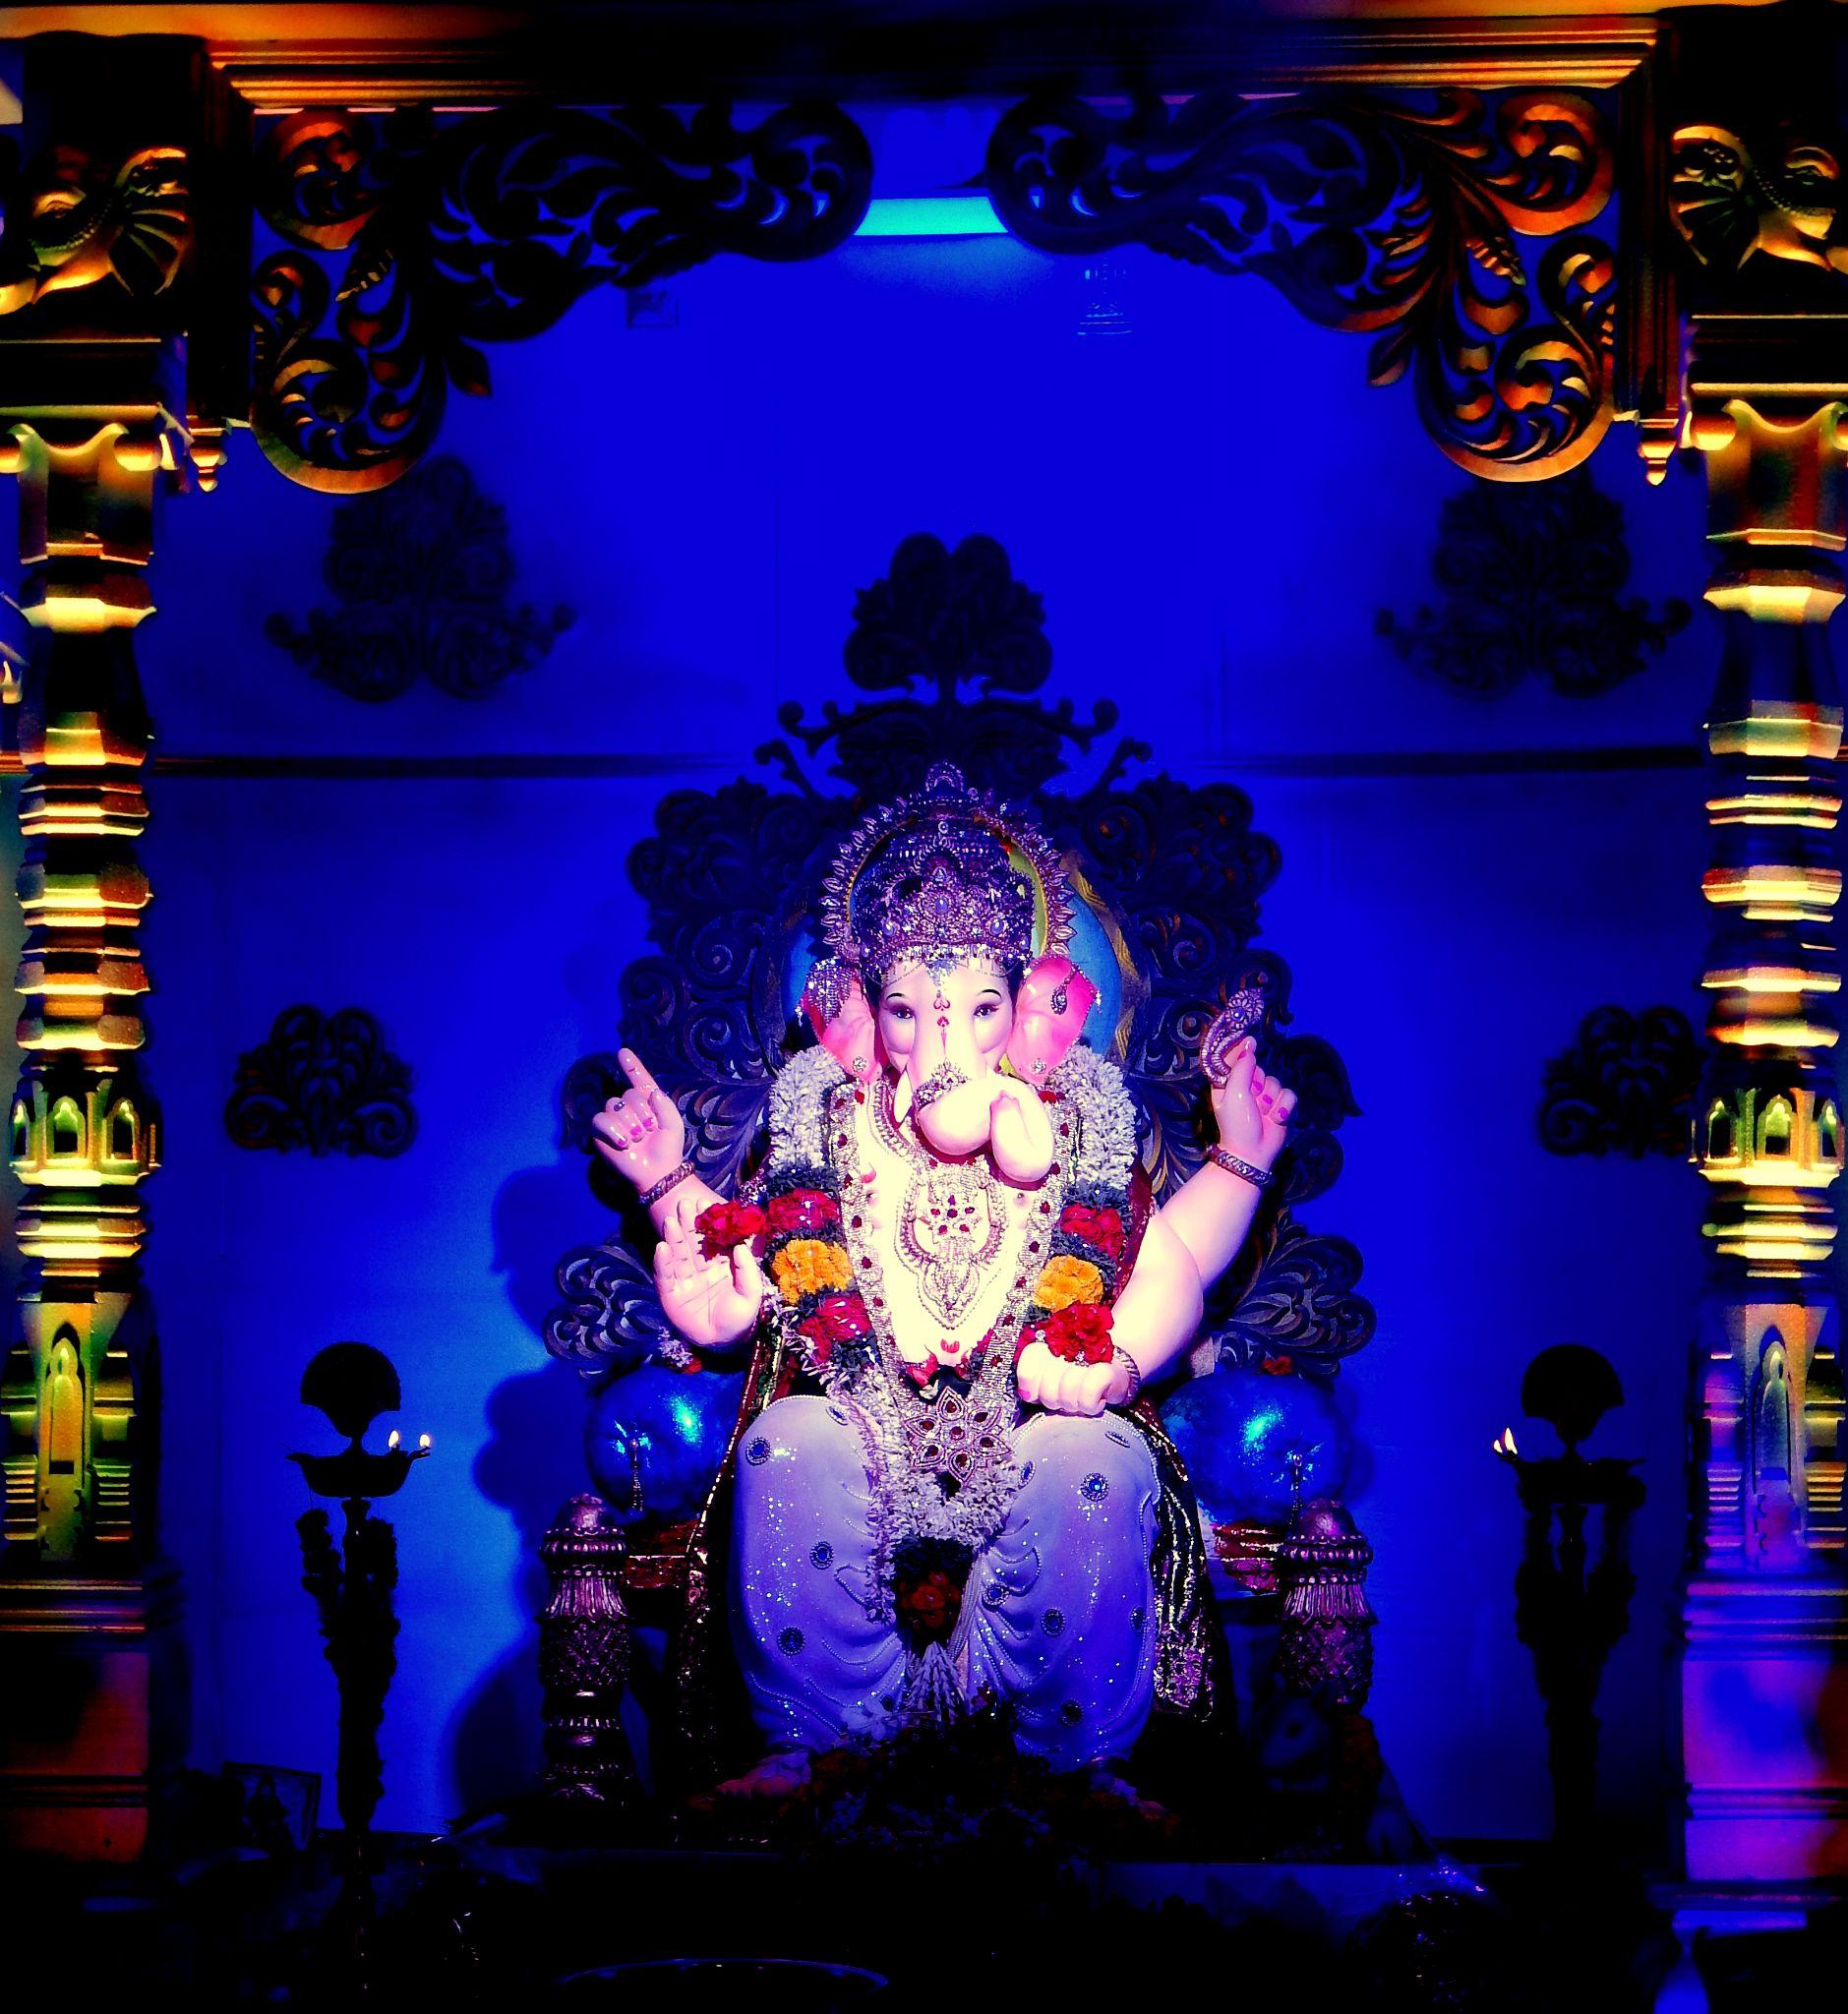 Ganesh Chaturthi 2014 by Utkarsh Shenvi